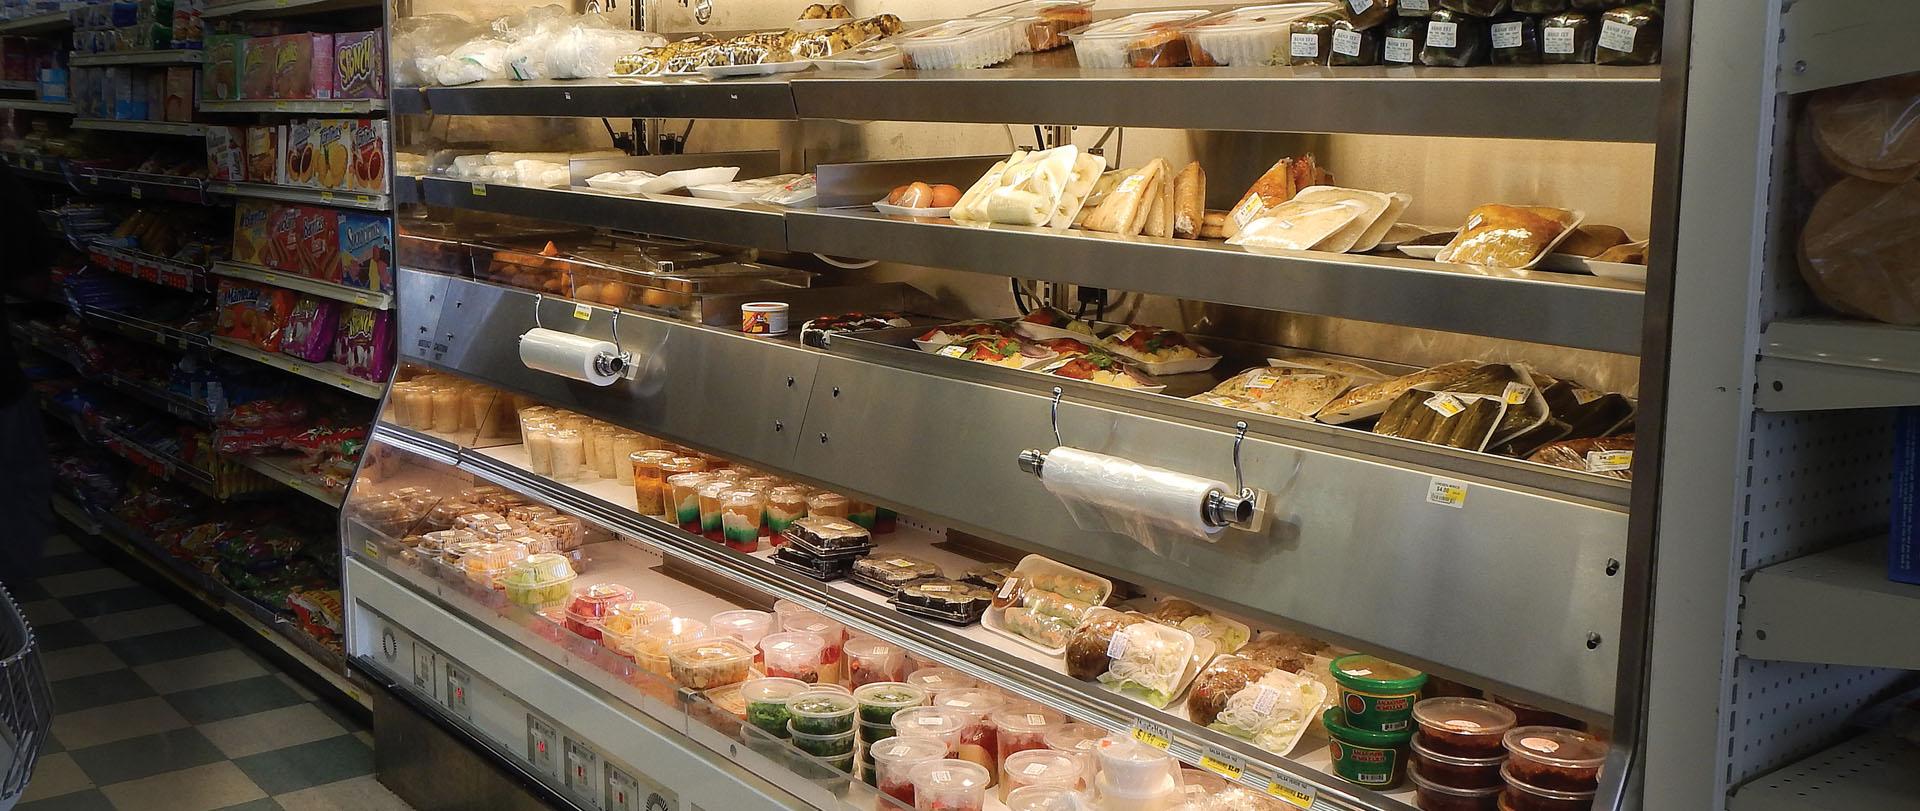 htpt deli  hot cold combination display case for deli